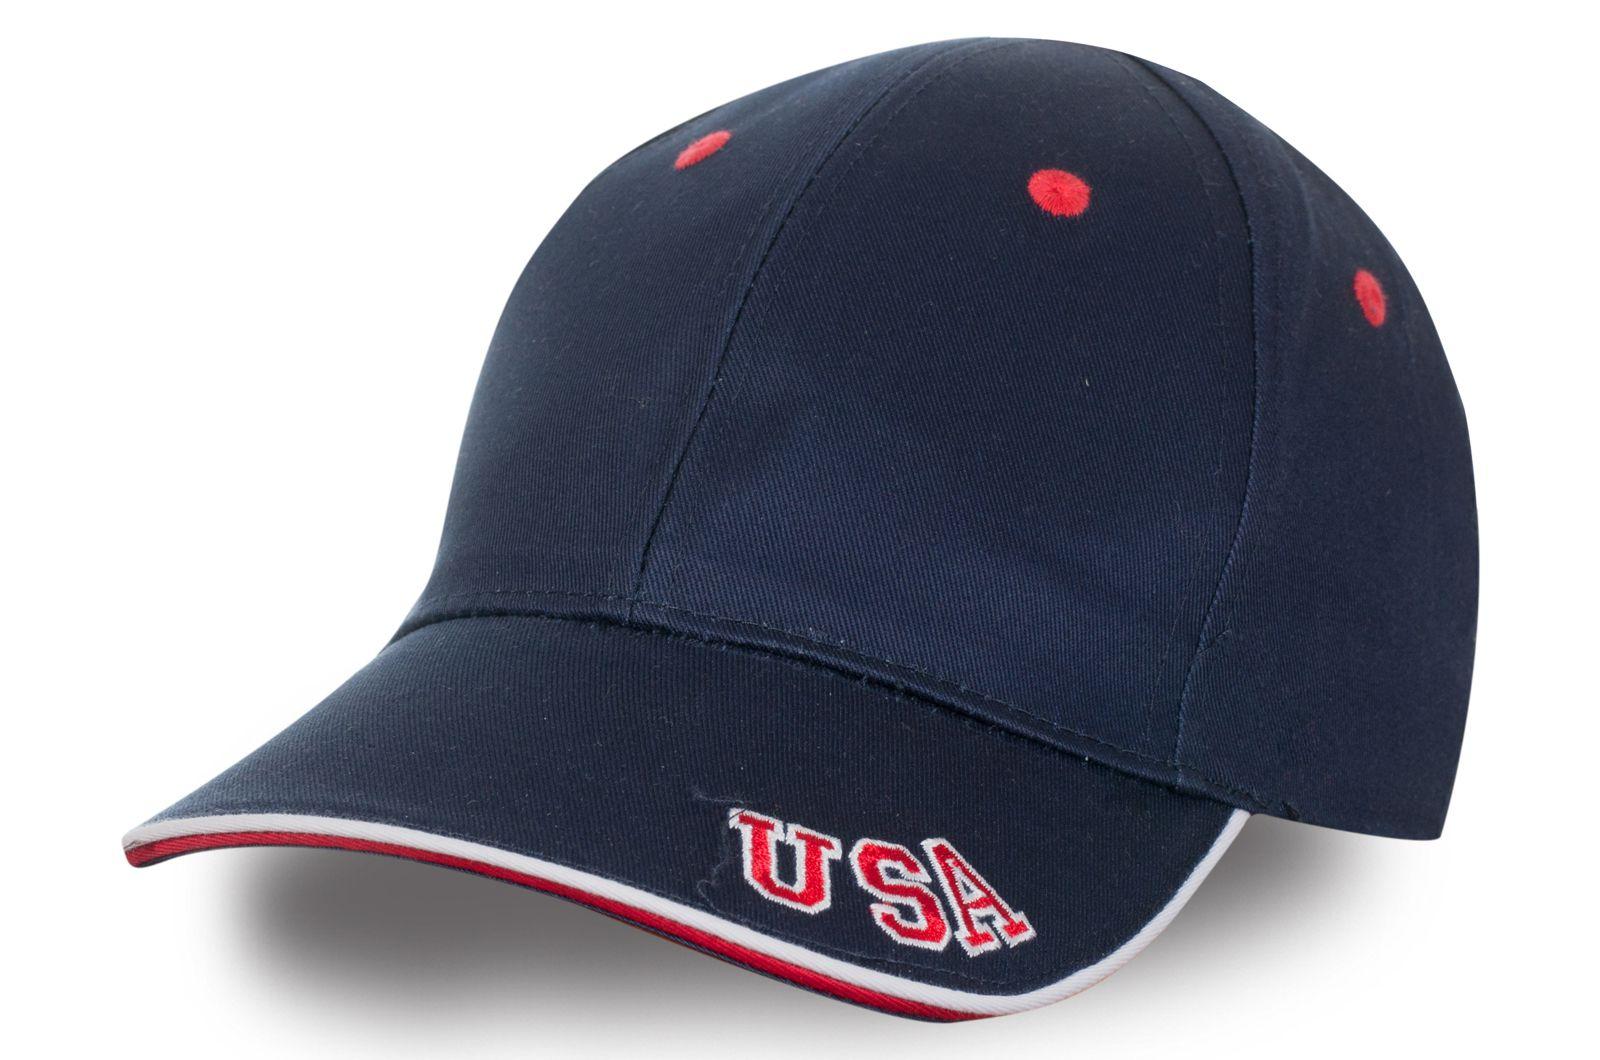 Бейсболка USA - купить оптом и в розницу